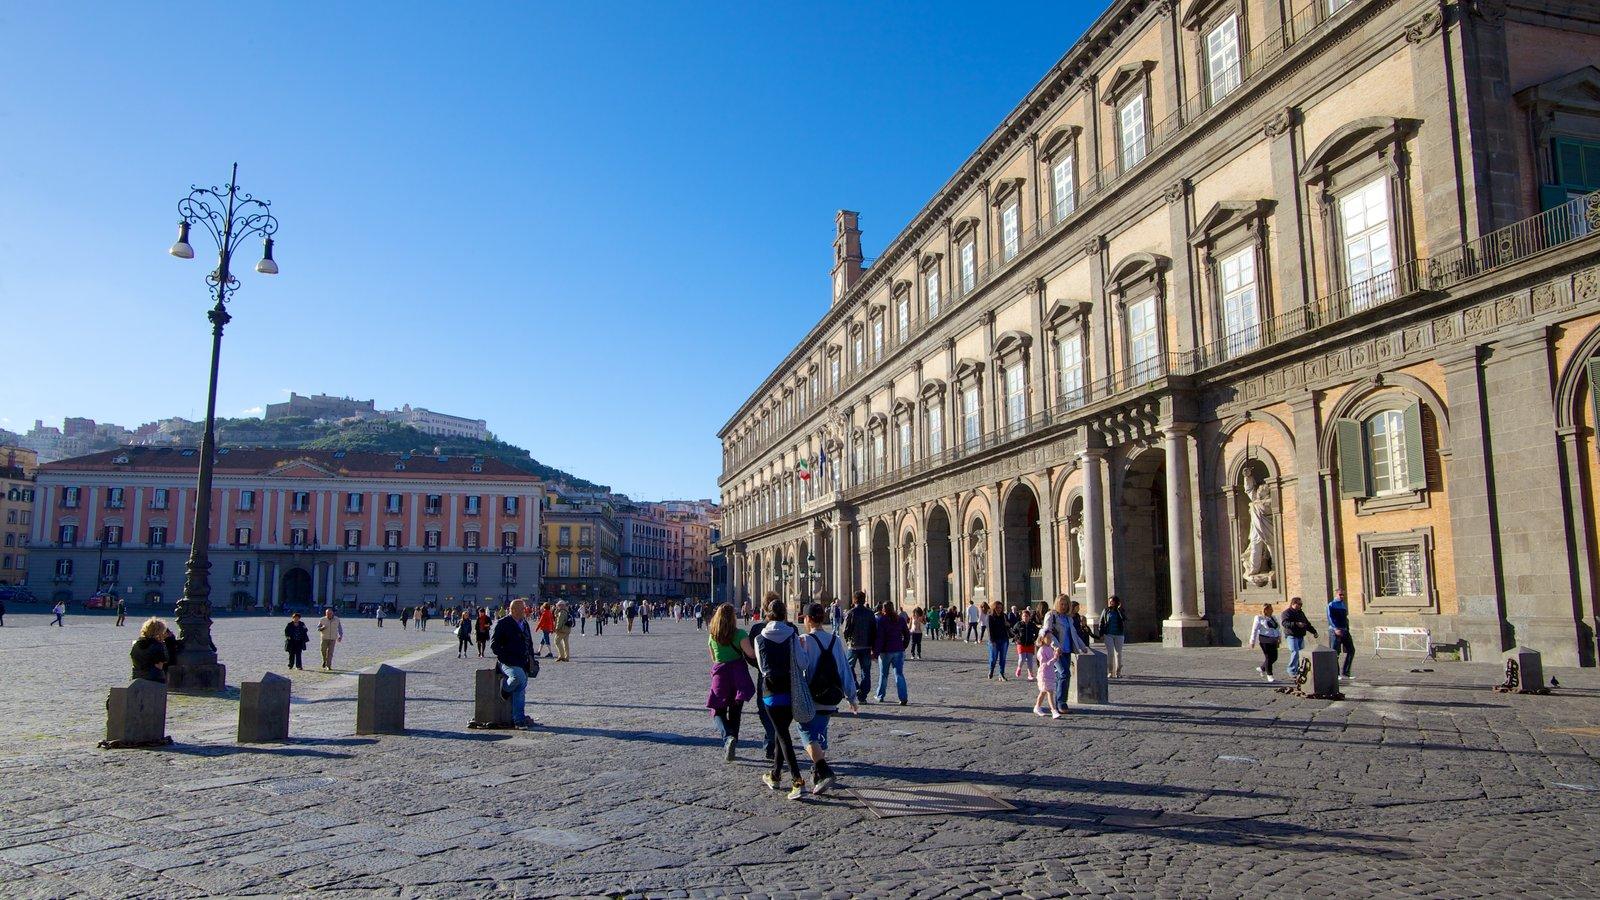 Palazzo Reale que inclui um castelo e cenas de rua assim como um grande grupo de pessoas